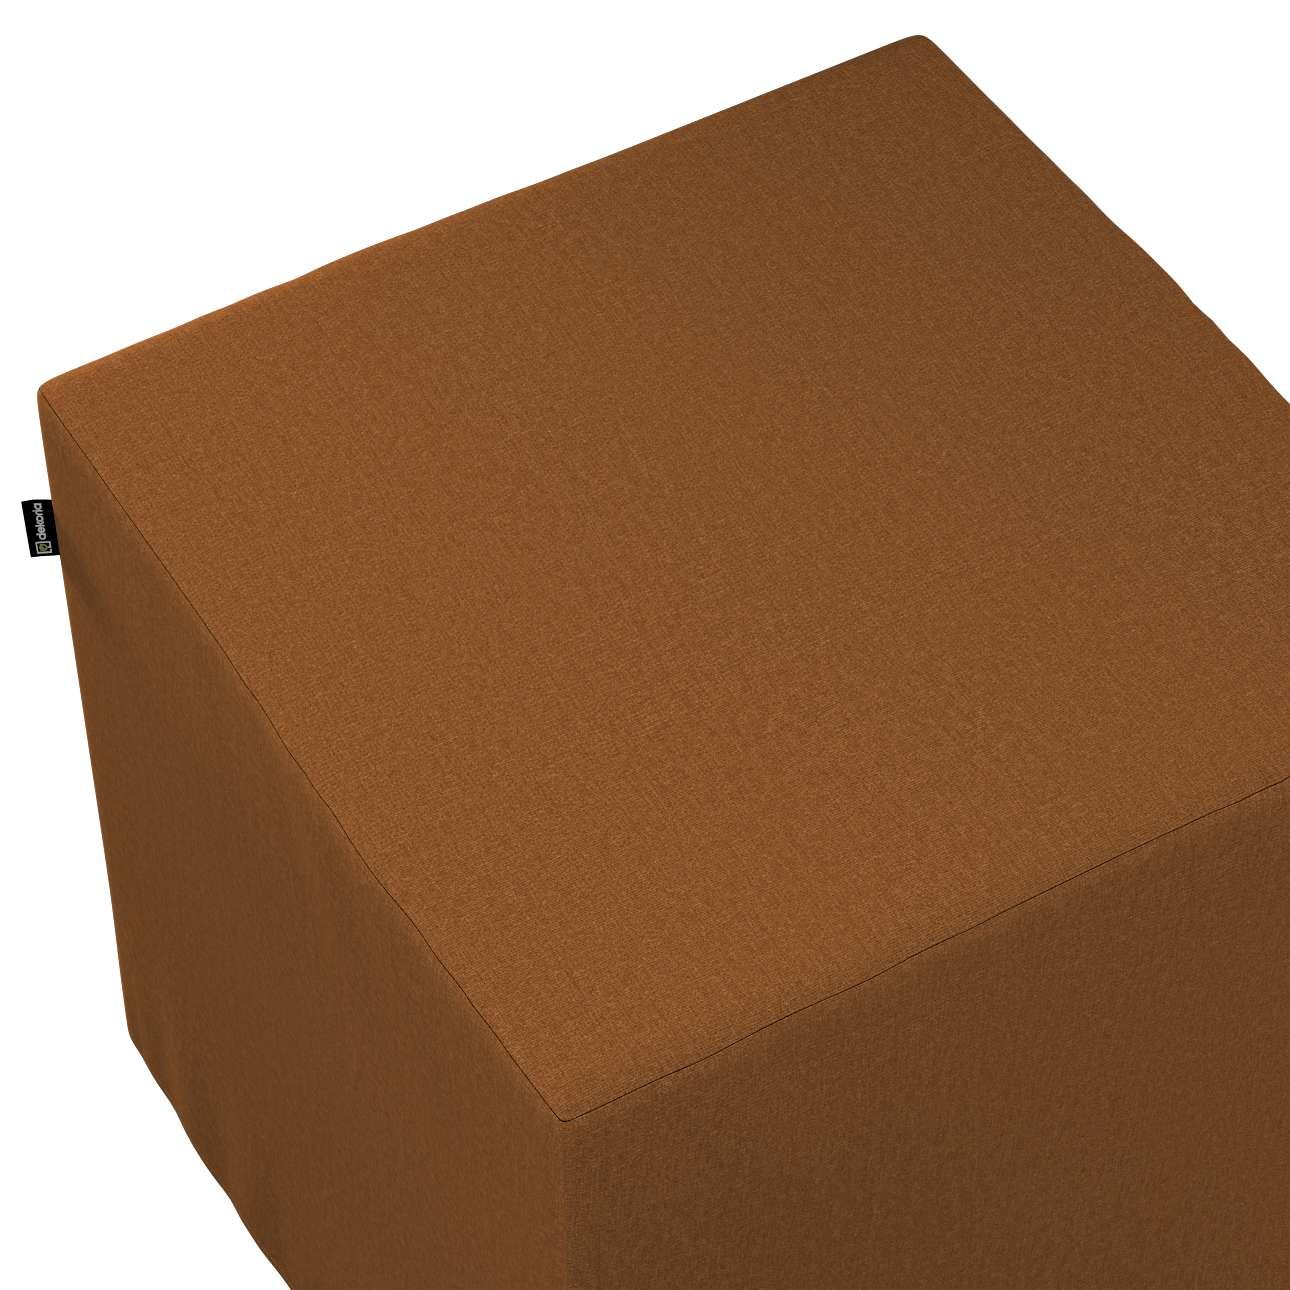 Bezug für Sitzwürfel von der Kollektion Living II, Stoff: 161-28